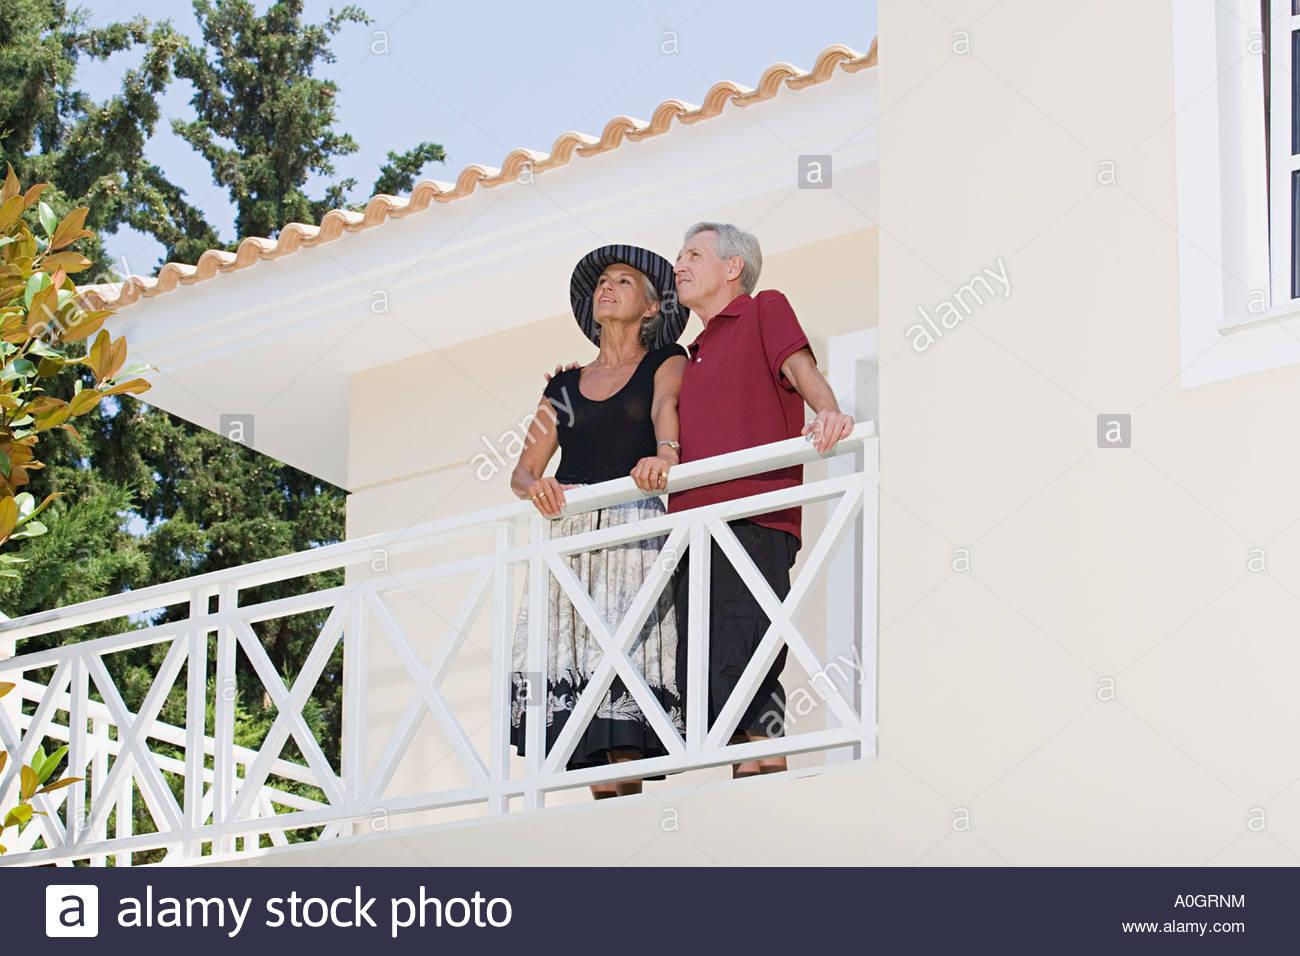 Couple stood on balcony - Stock Image